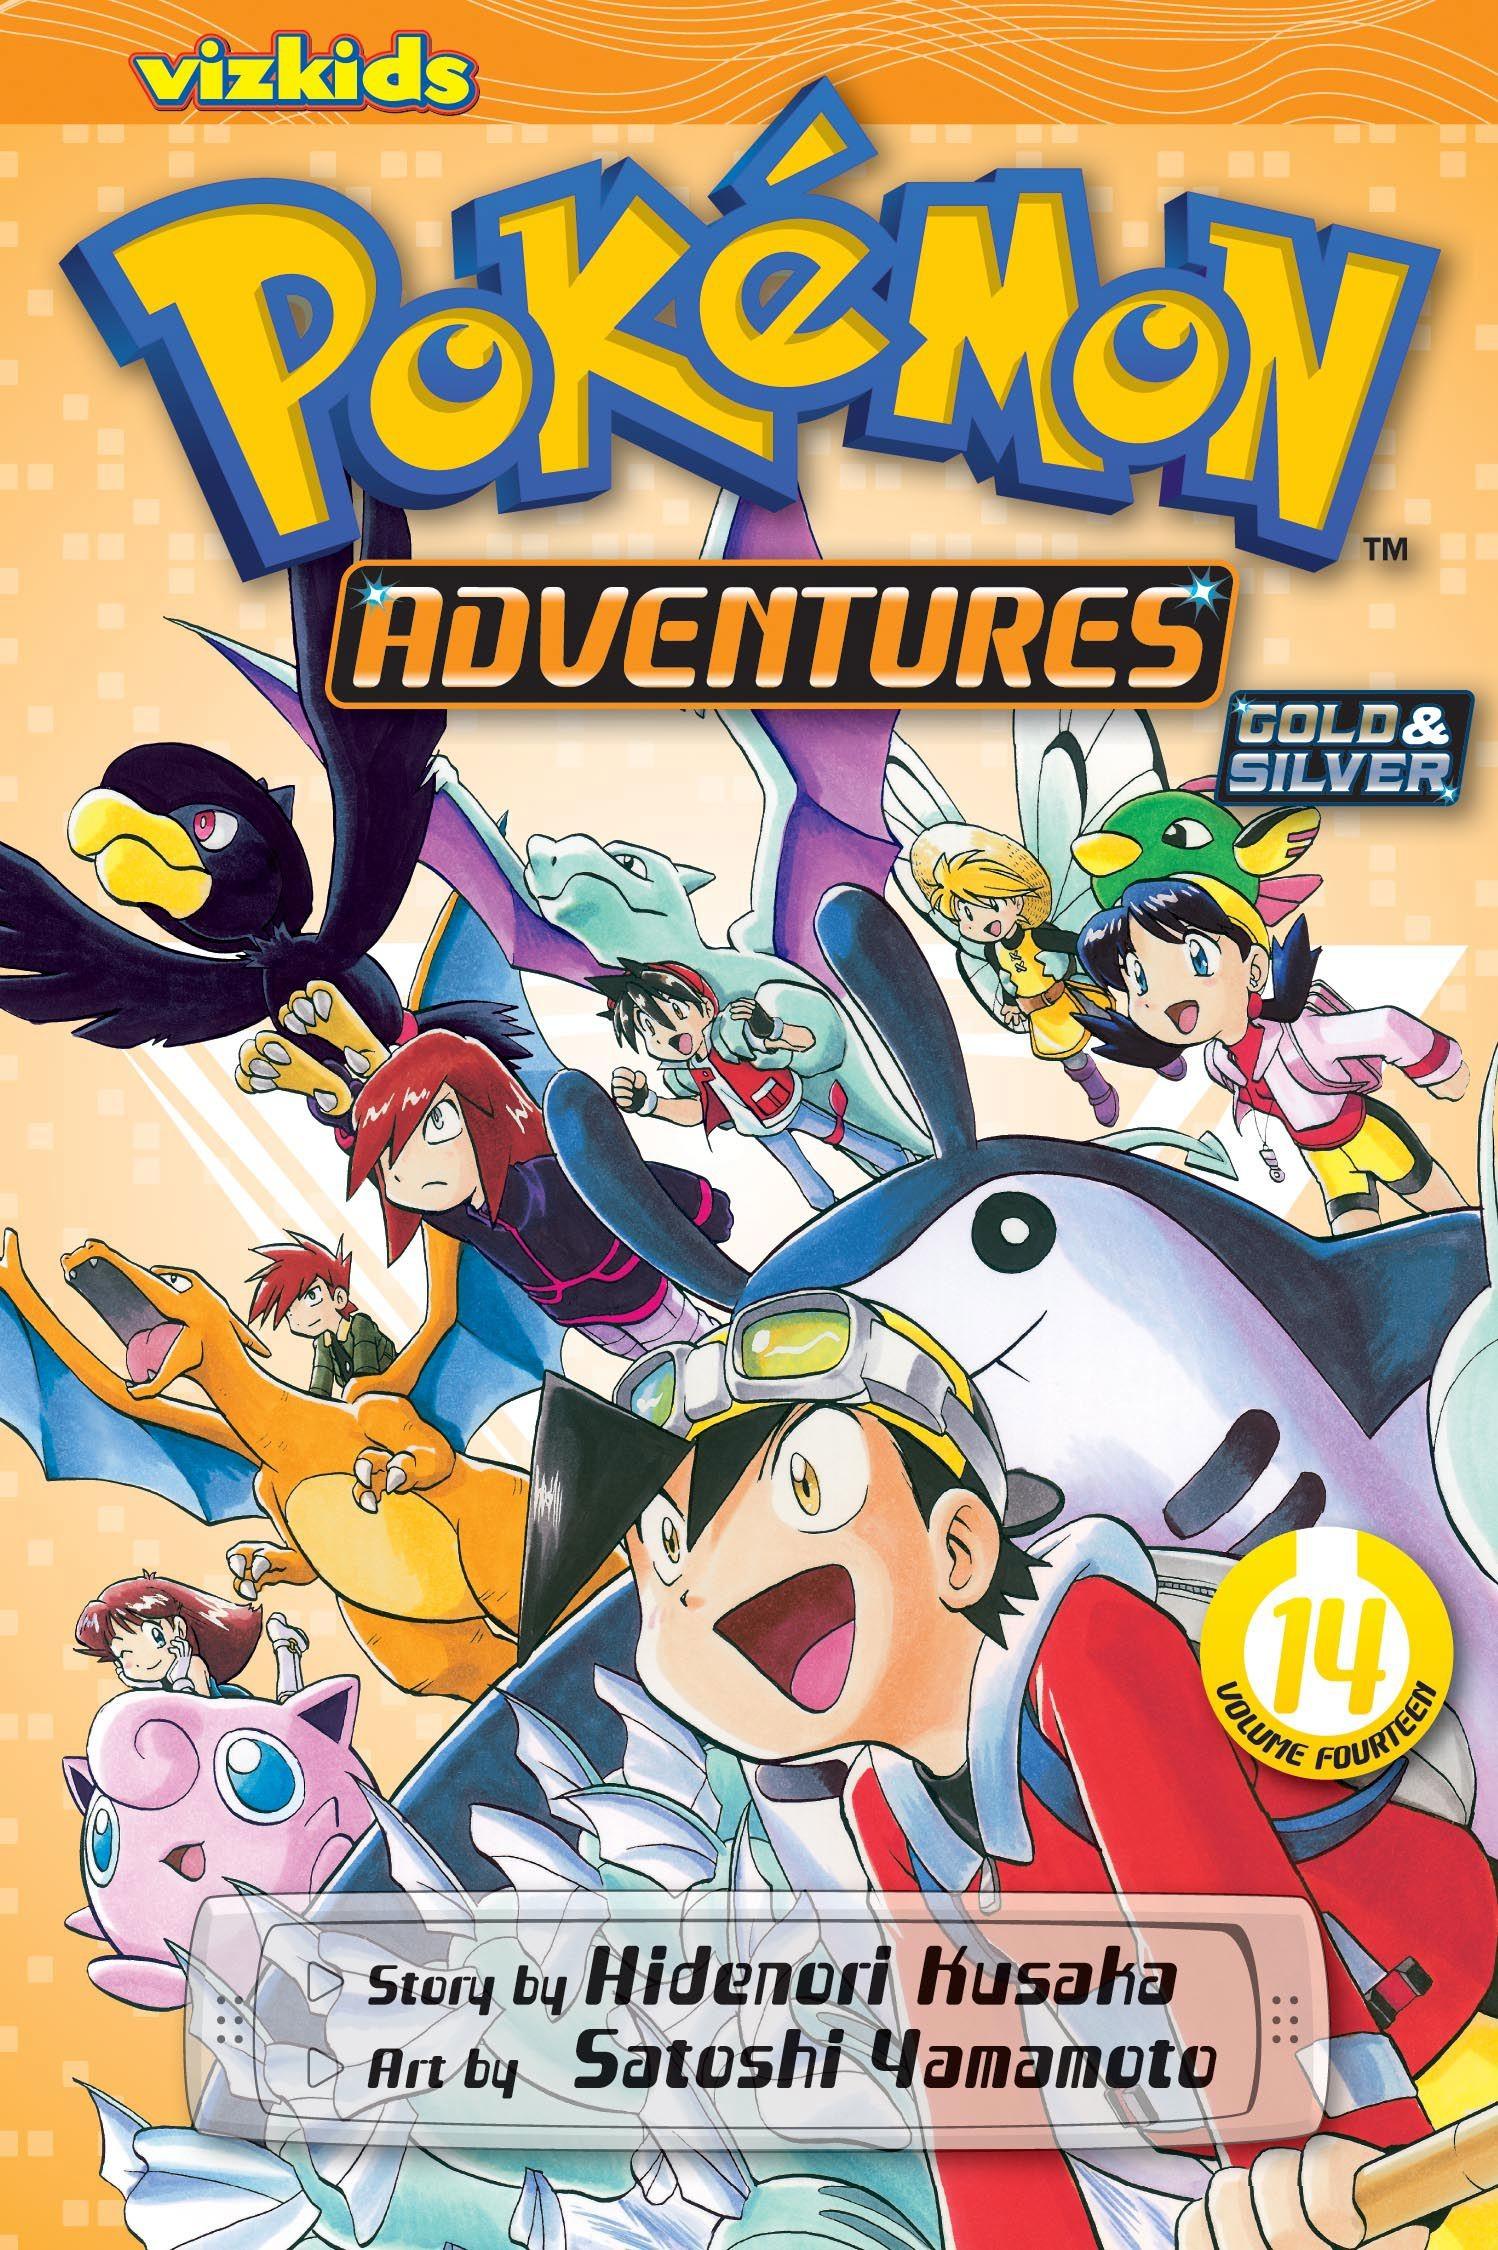 Pokémon Adventures, Vol. 14 by Hidenori Kusaka